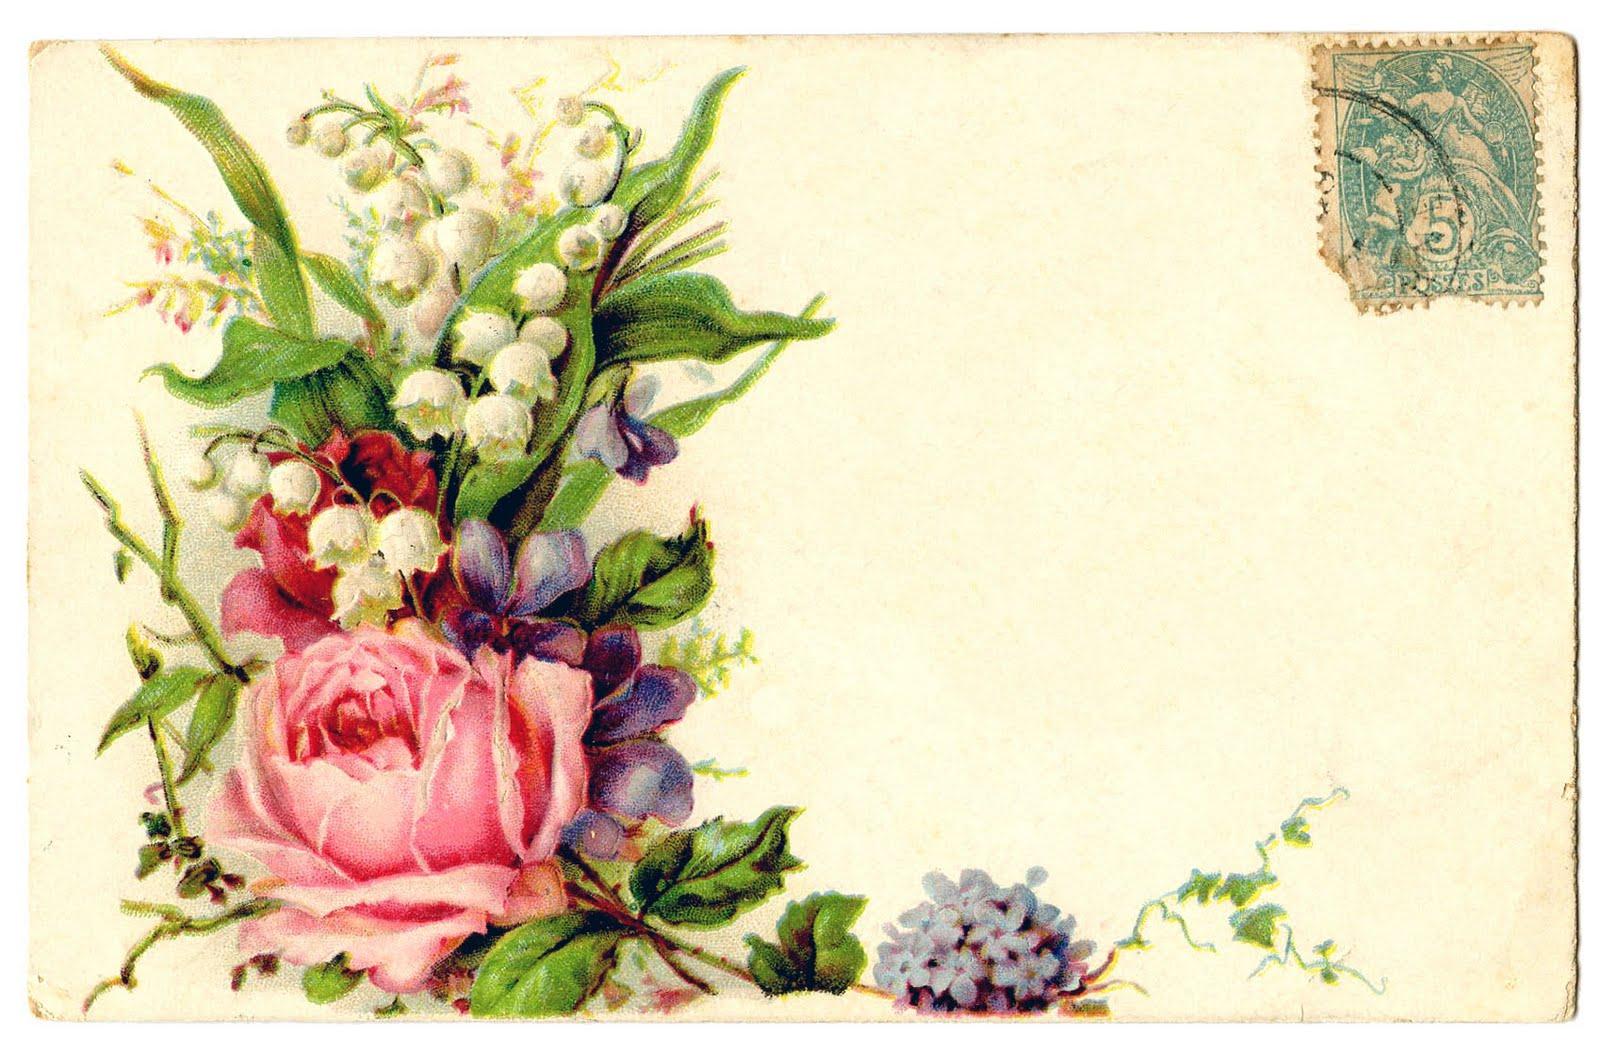 http://2.bp.blogspot.com/-n4ziVUkoWQ0/TgaG5E4ln1I/AAAAAAAANG4/_rNmWXzhFpk/s1600/floral%2Bspray%2Bvintage%2Bgraphicsfairy003b.jpg